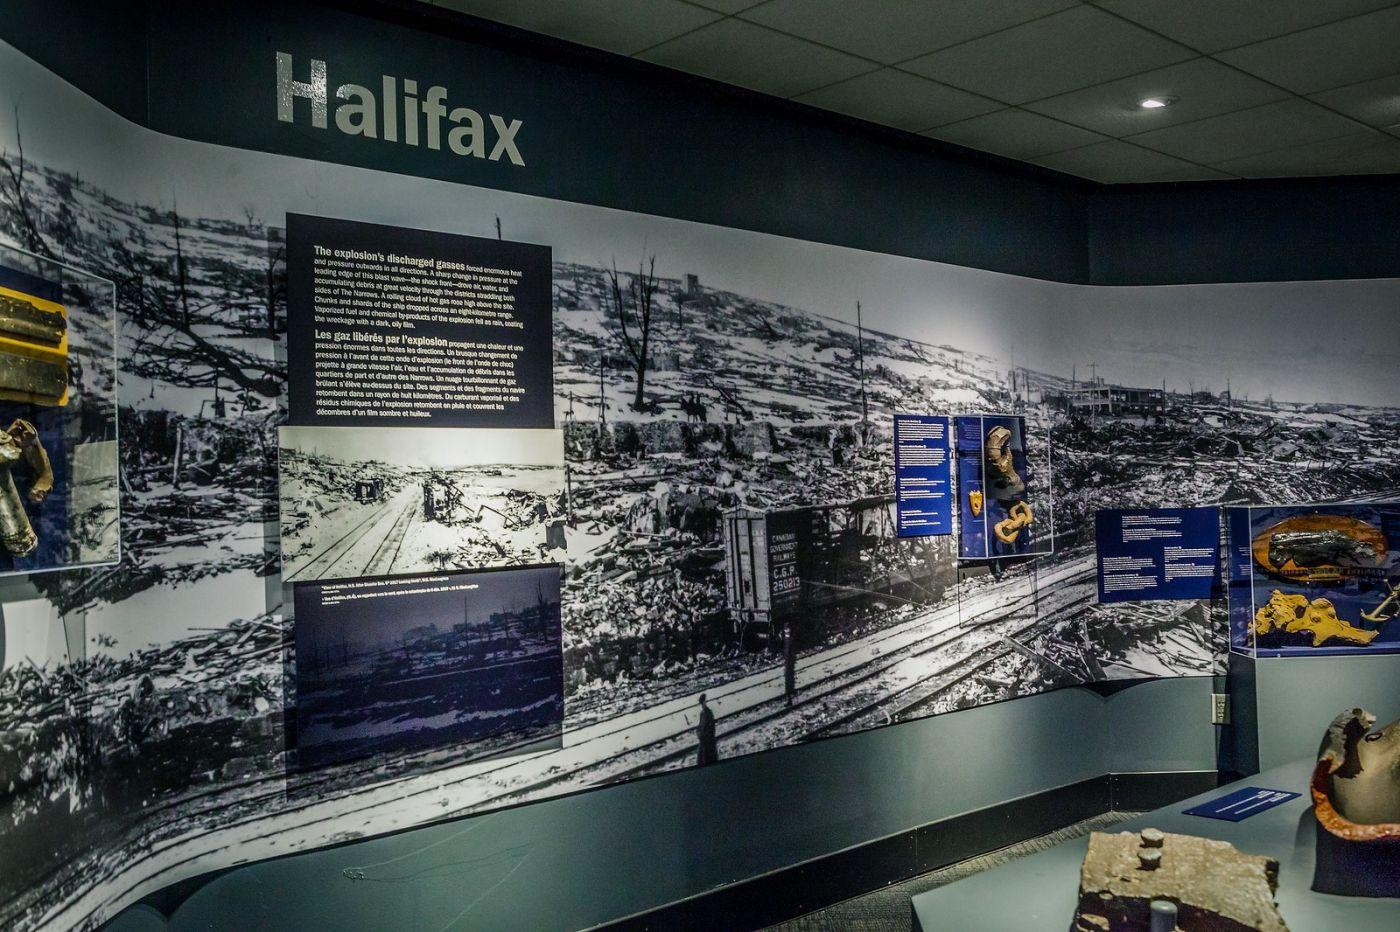 加拿大哈利法克斯(Halifax)大西洋海事博物馆_图1-34